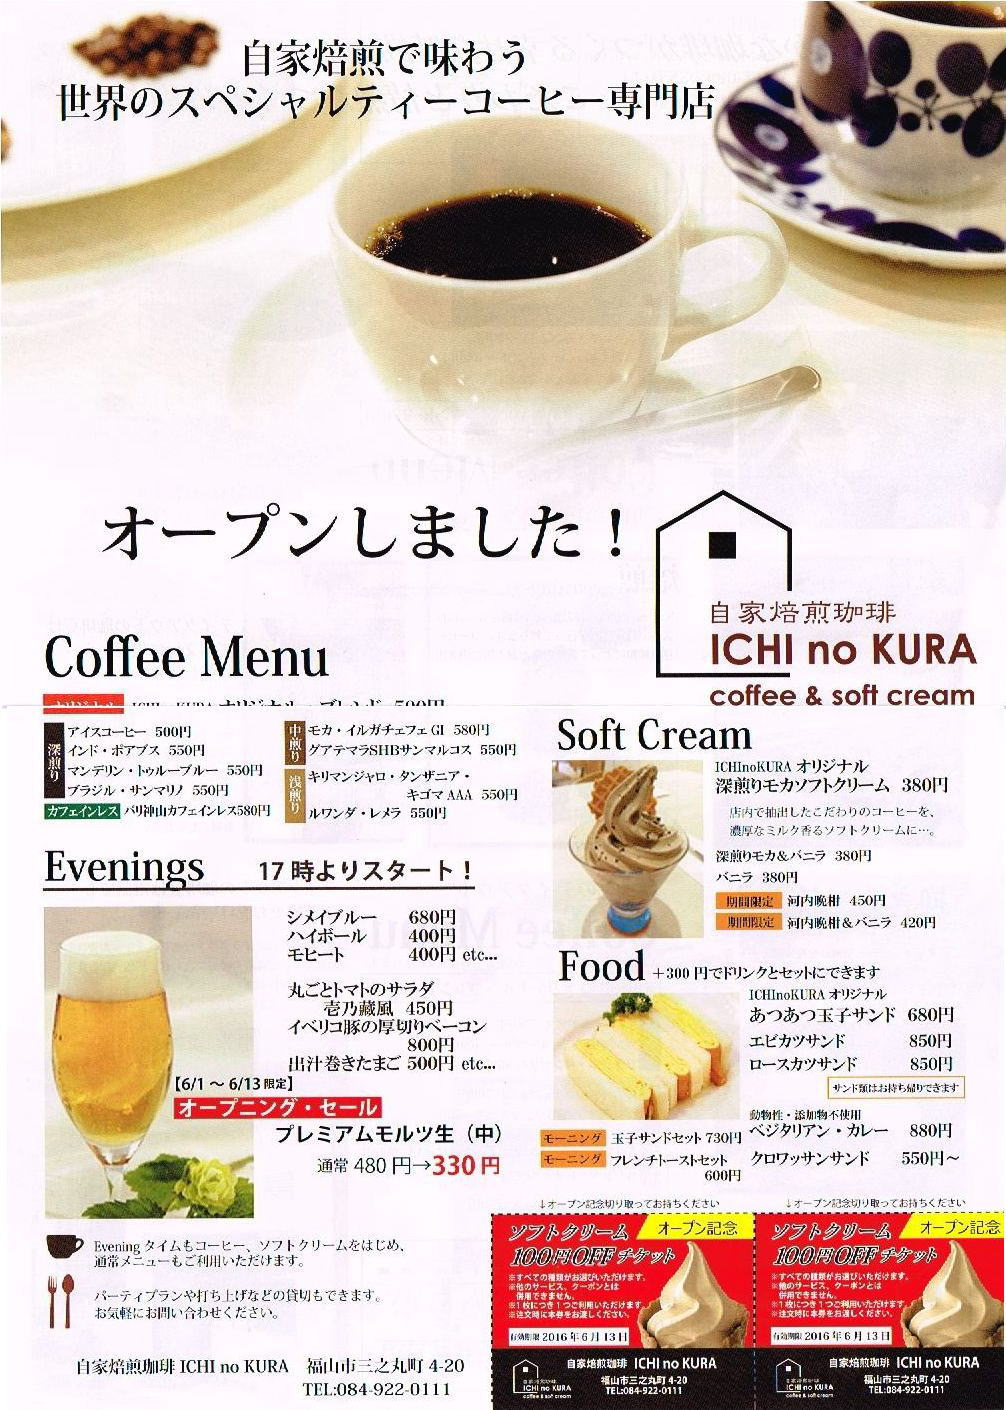 「壱乃蔵カフェ」からオープン・セールのご案内